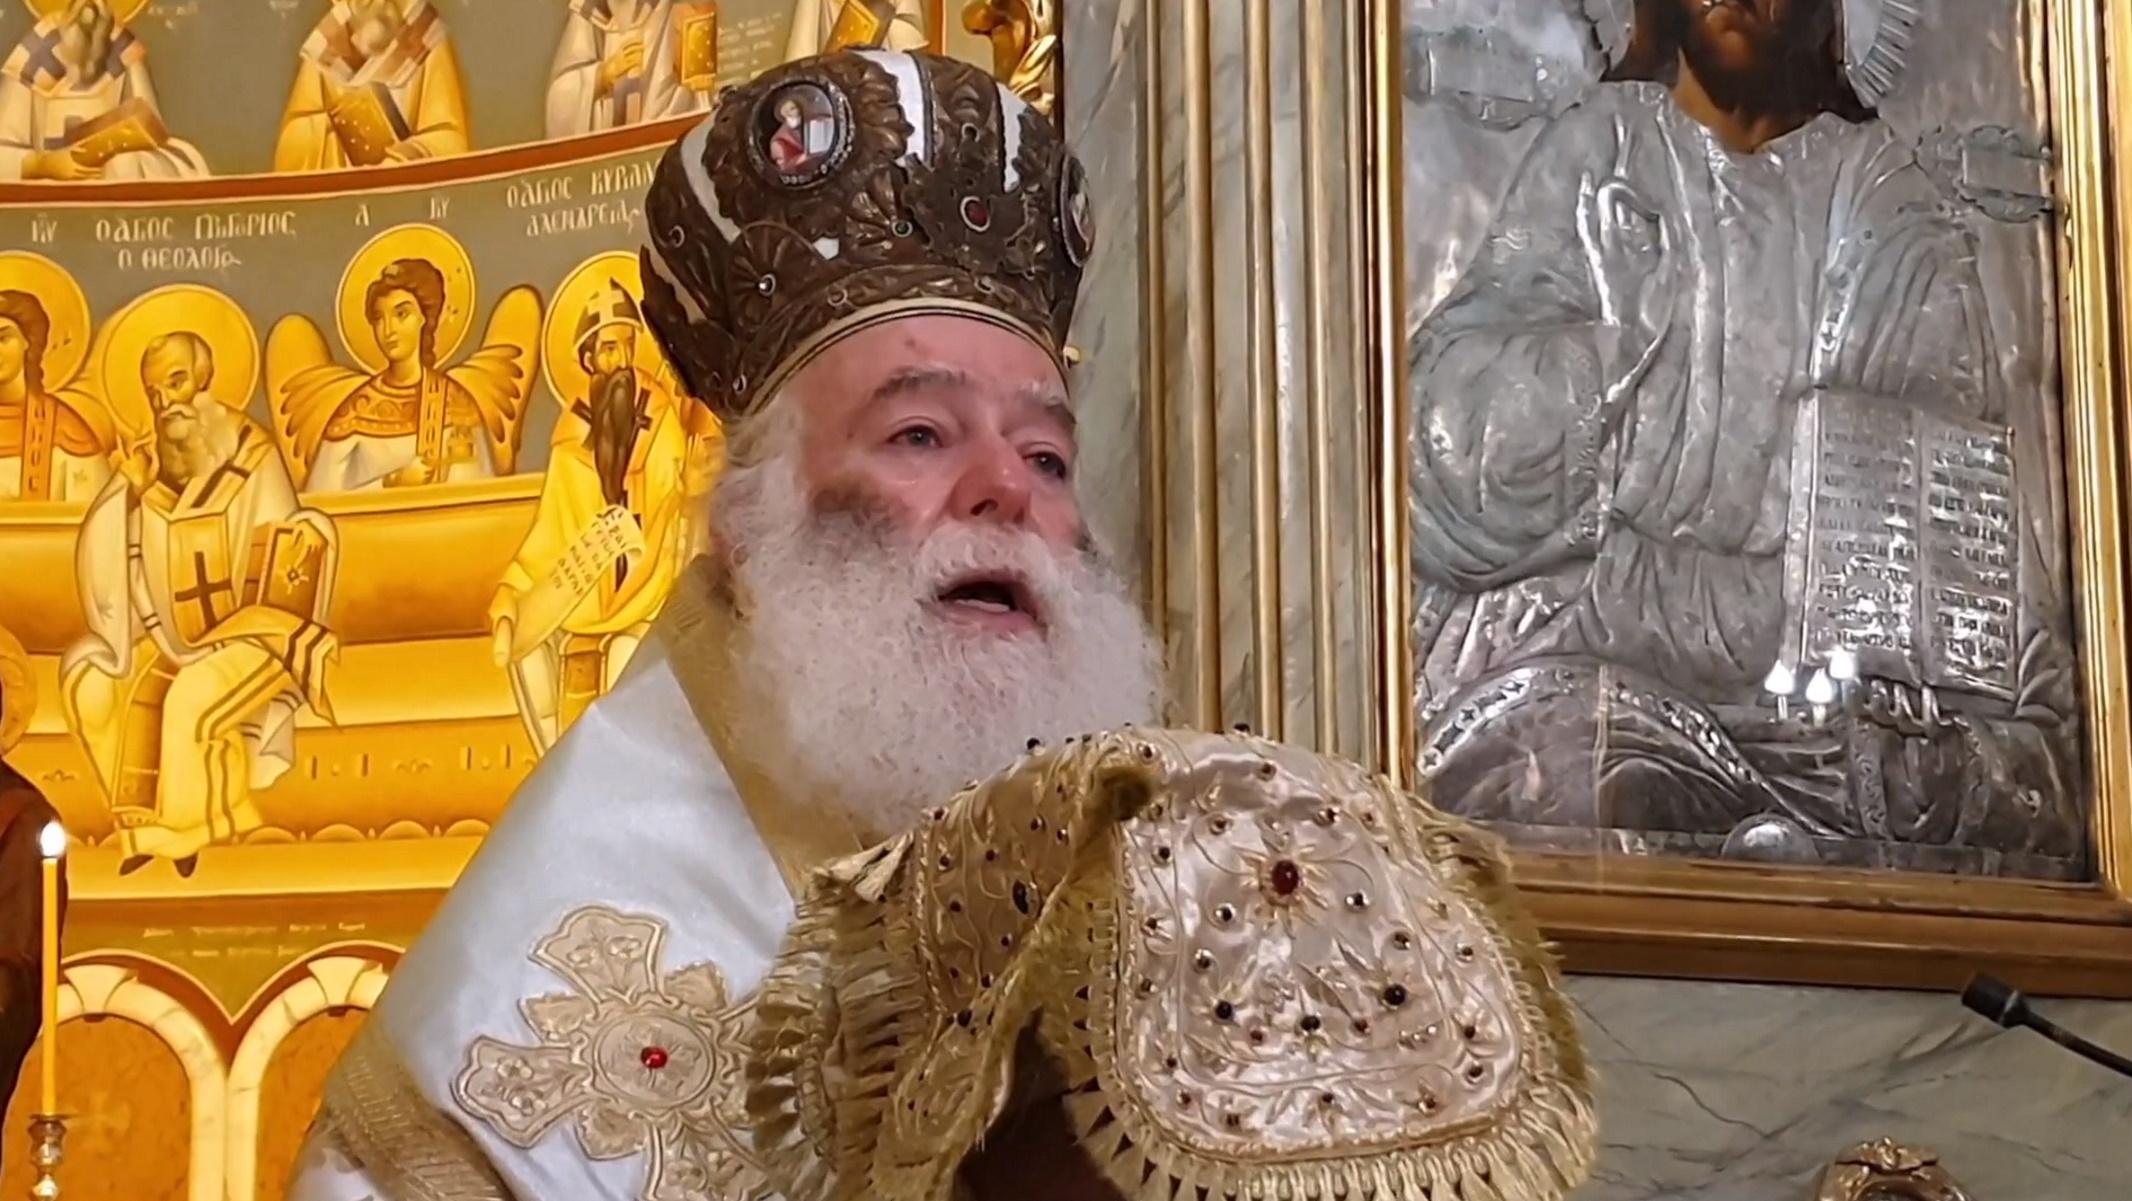 Ο Πατριάρχης Αλεξάνδρειας, Θεόδωρος δεν θα ρίξει τον Τίμιο Σταυρό λόγω κορονοϊού